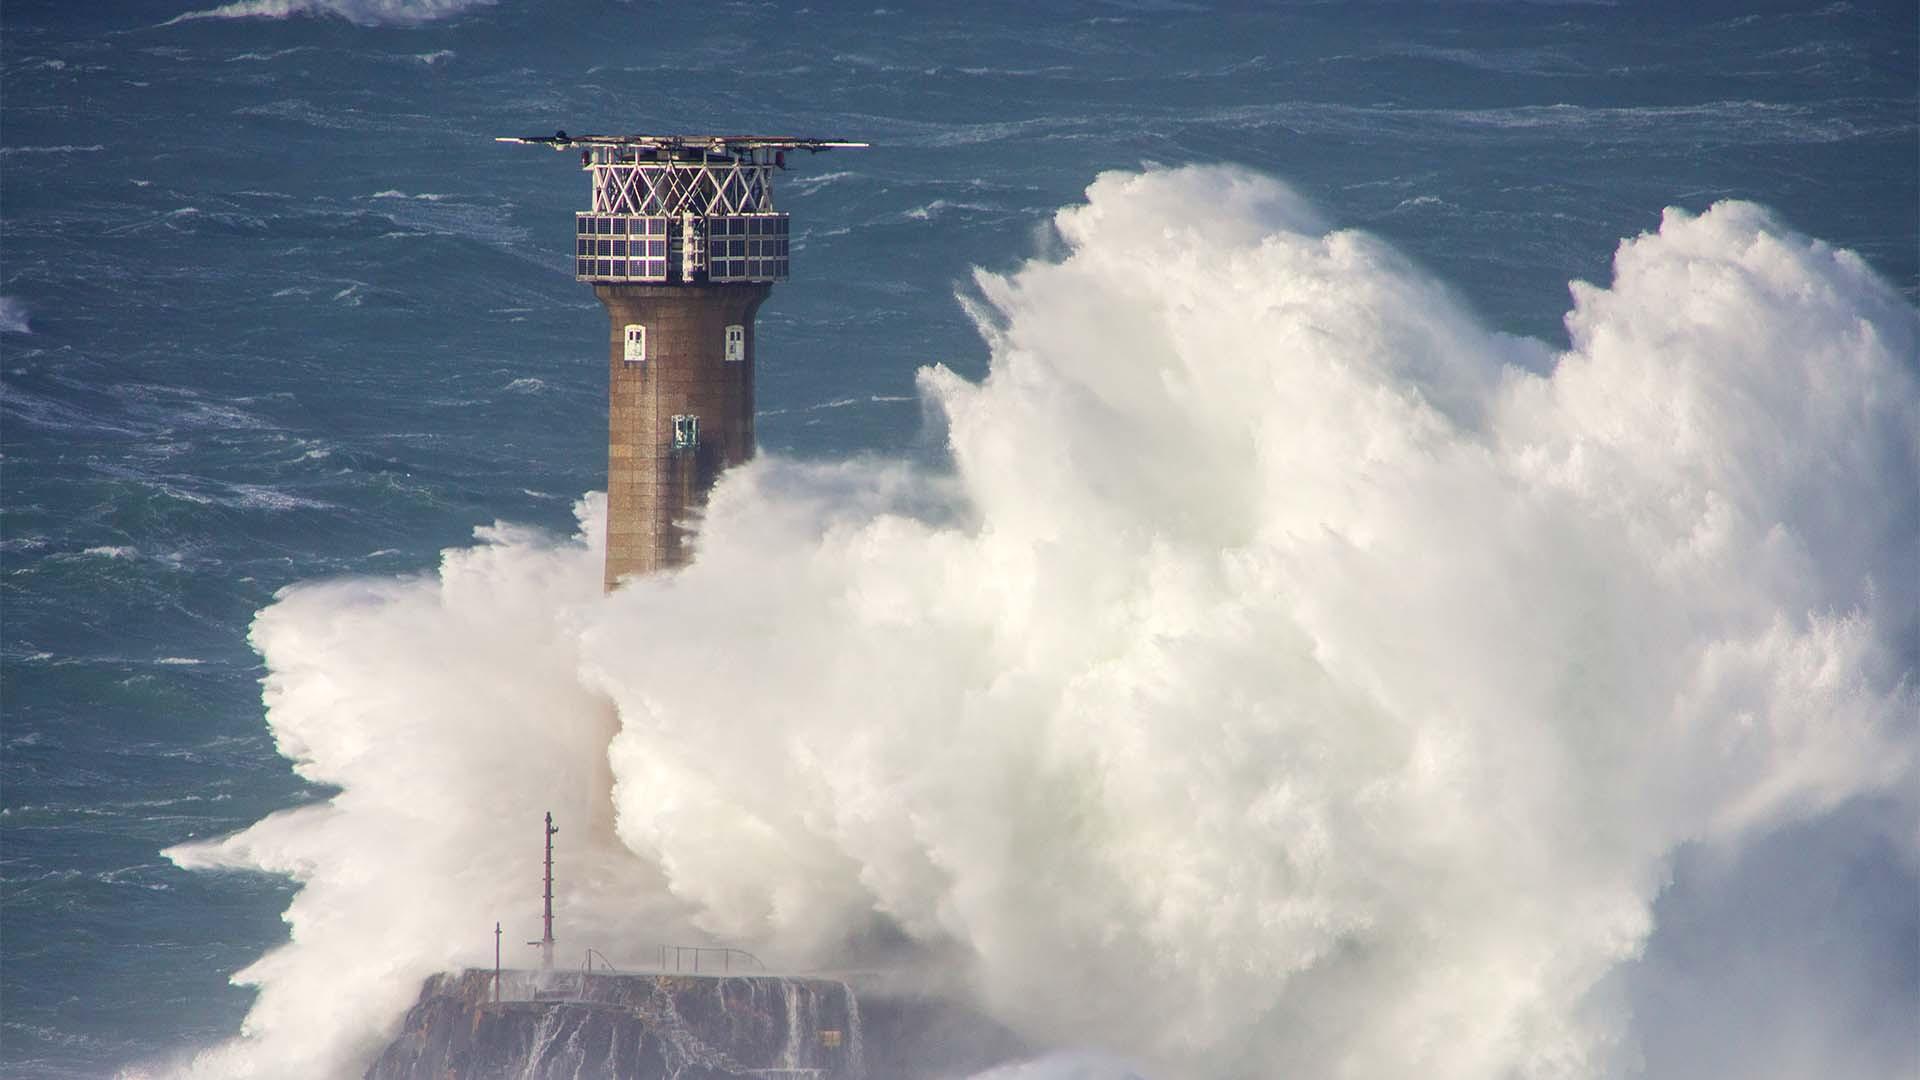 Waves breaking on Longships watch in Sennen Cove, Cornwall